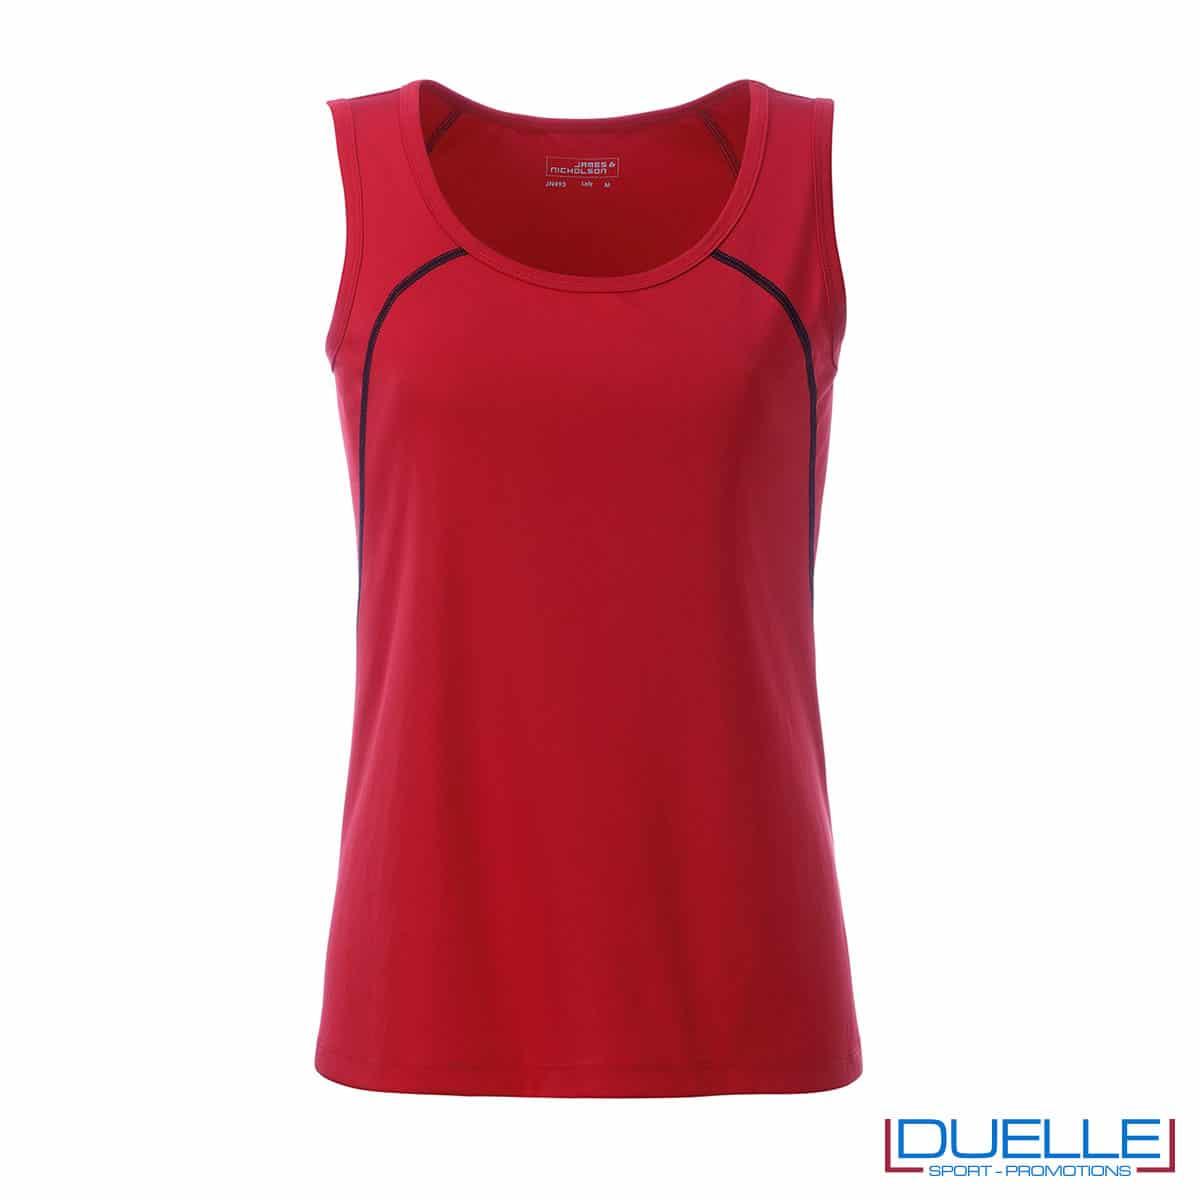 Canotta donna sport traspirante colore rosso